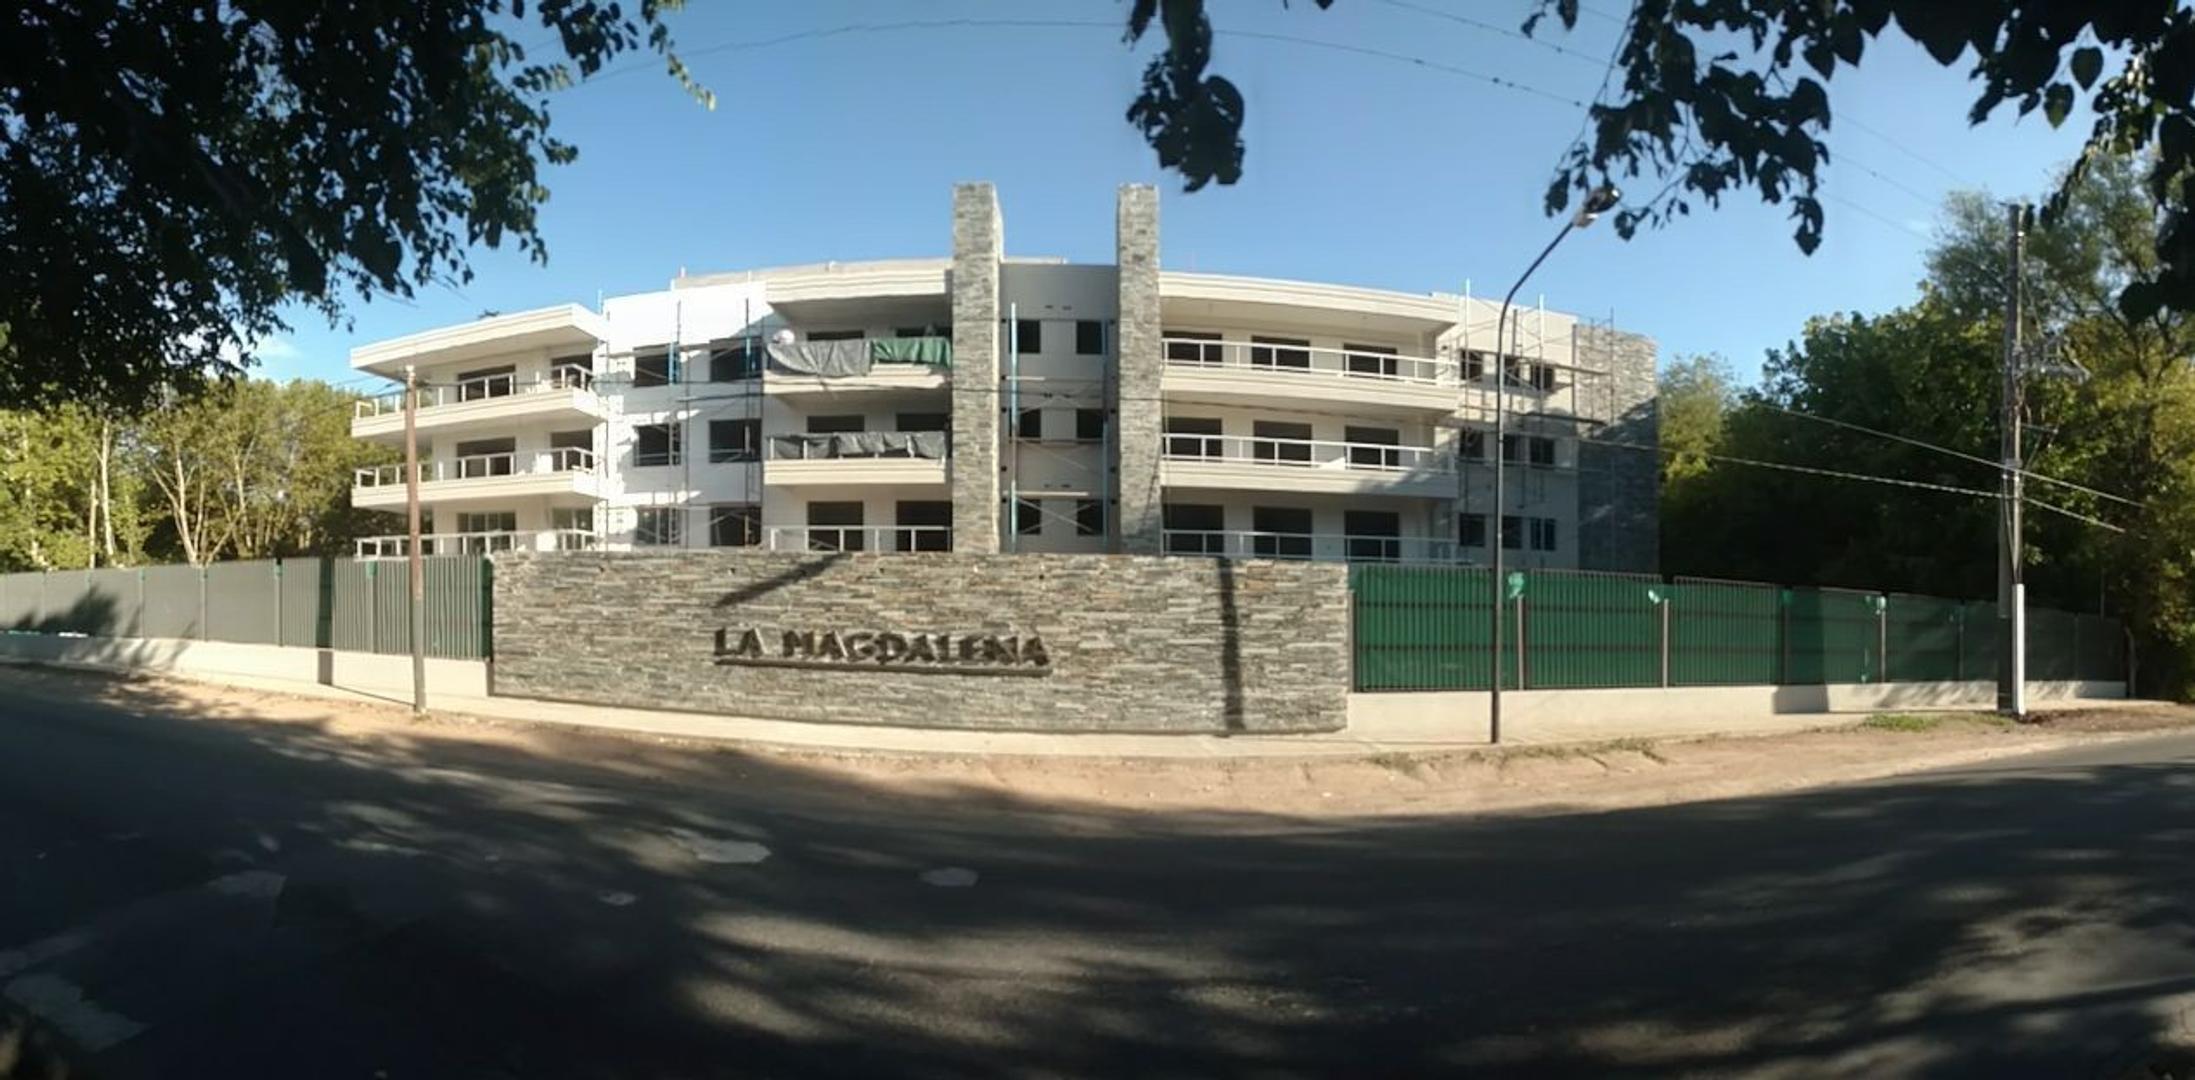 Tizado Pilar vende depto 2 amb. en La Magdalena - PIL3385_LP121229_1